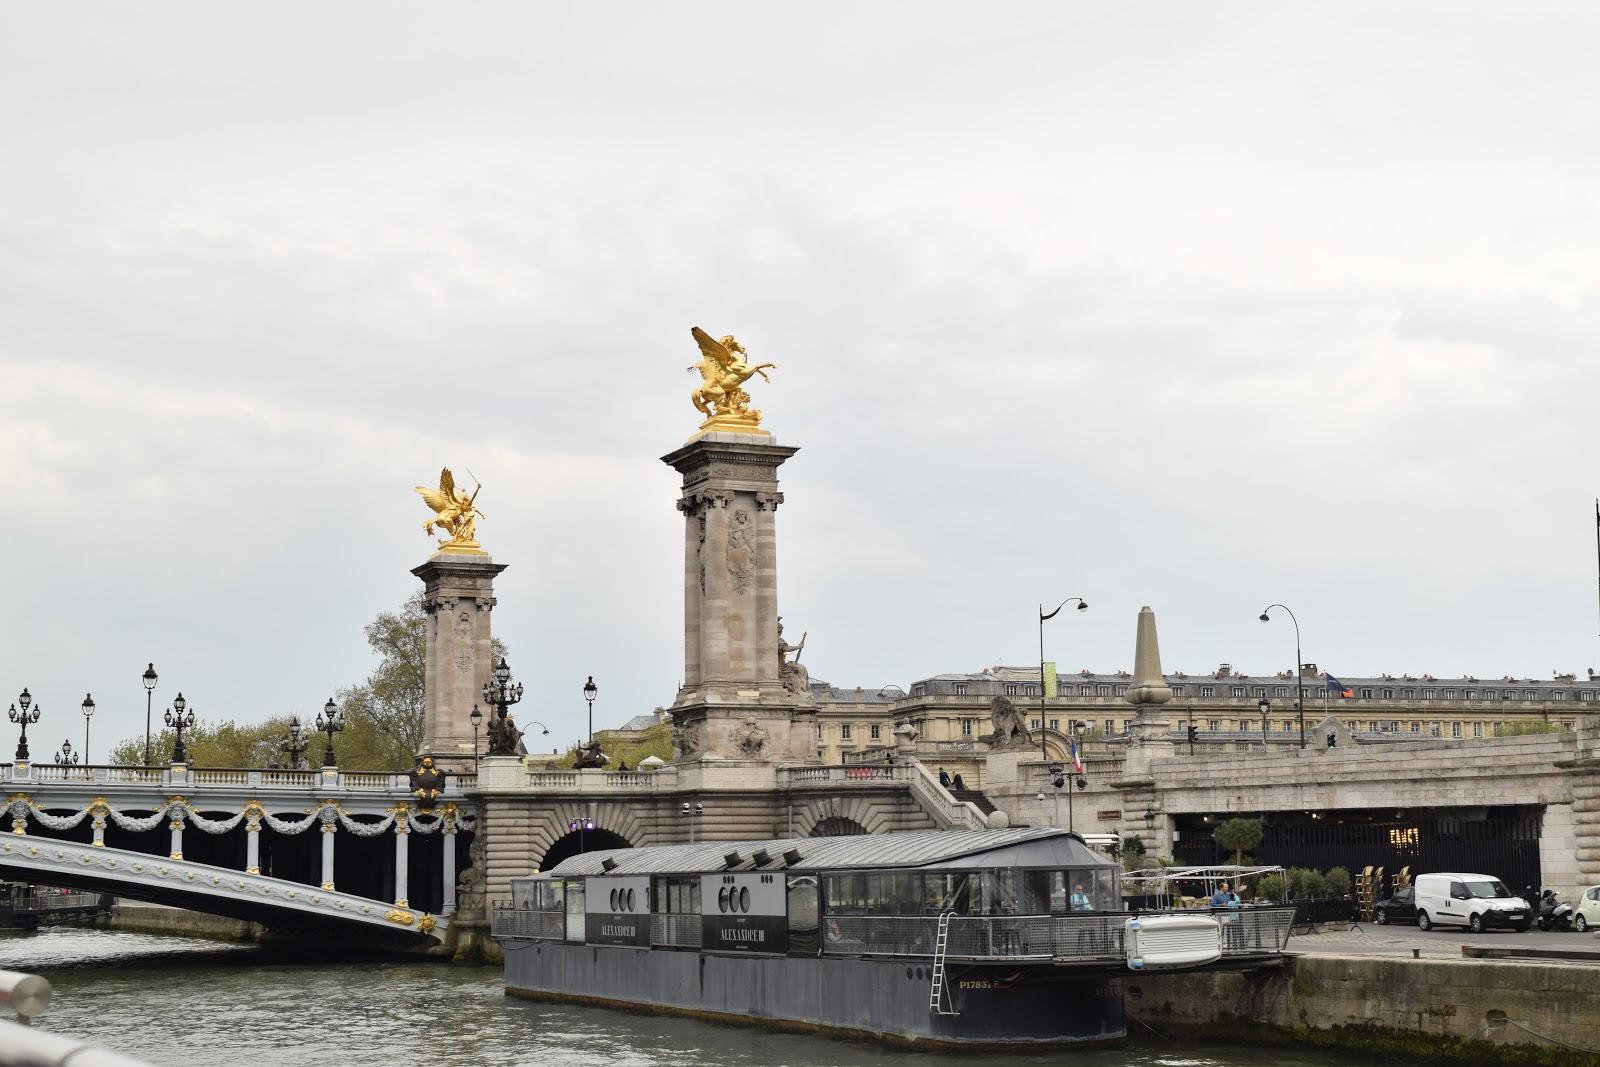 Paris Bateaux mouches